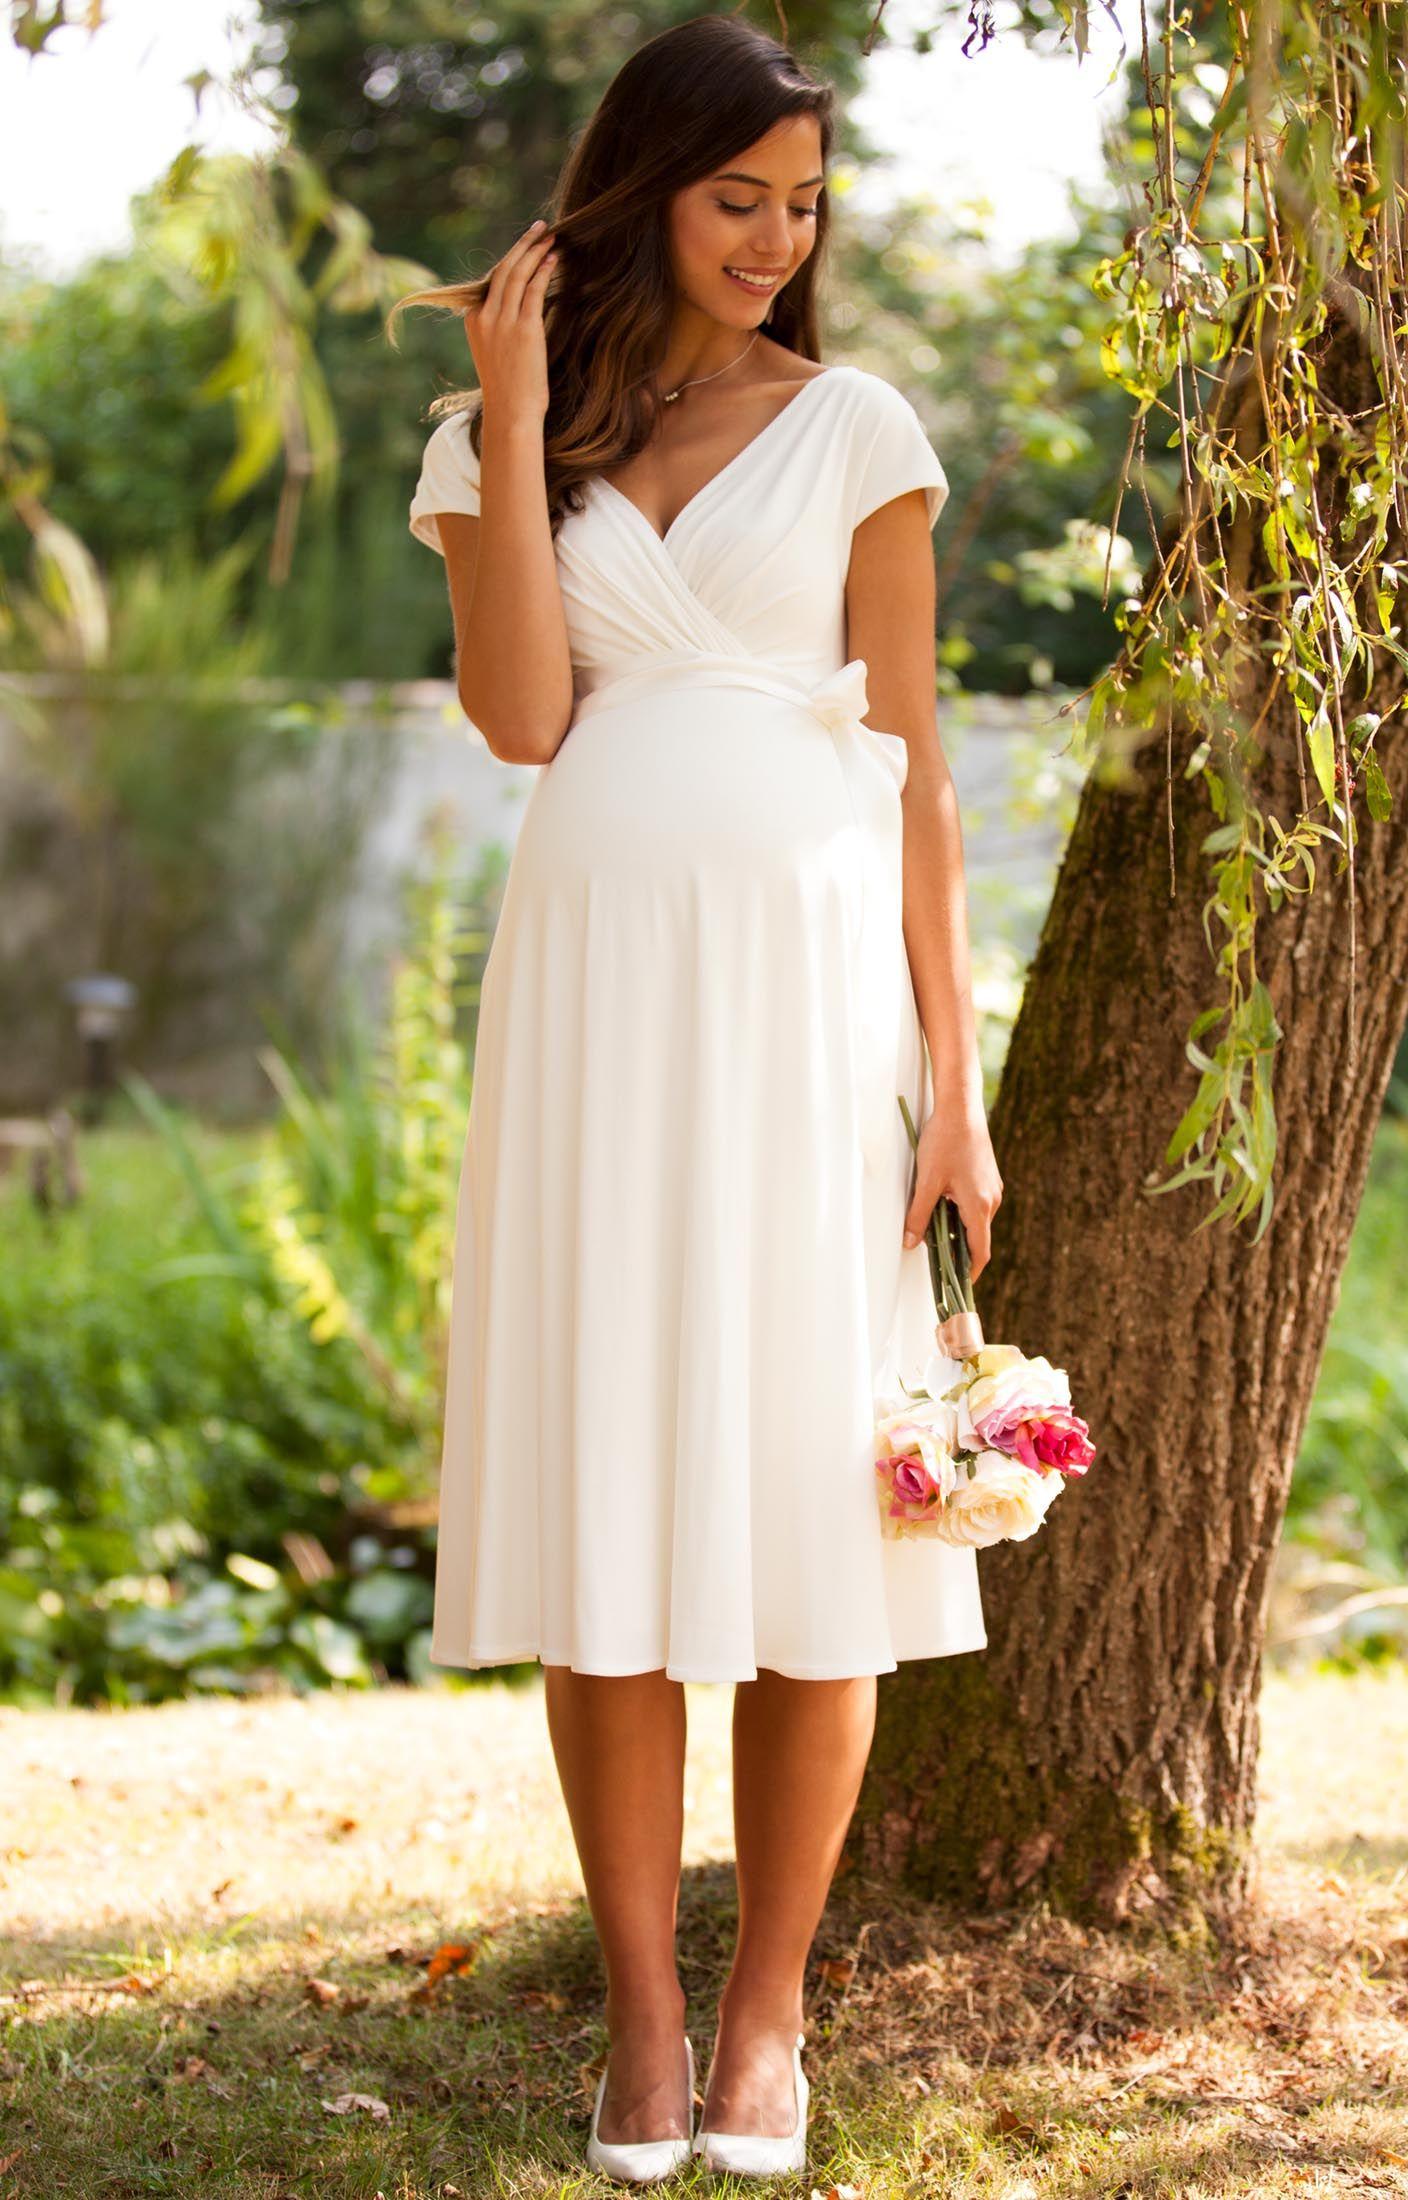 Umstandshochzeitskleid Alessandra kurz in Elfenbein – Umstandshochzeitskleider, Abendgarderobe und Partykleidung von Tiffany Rose   – Hochzeit zu dritt